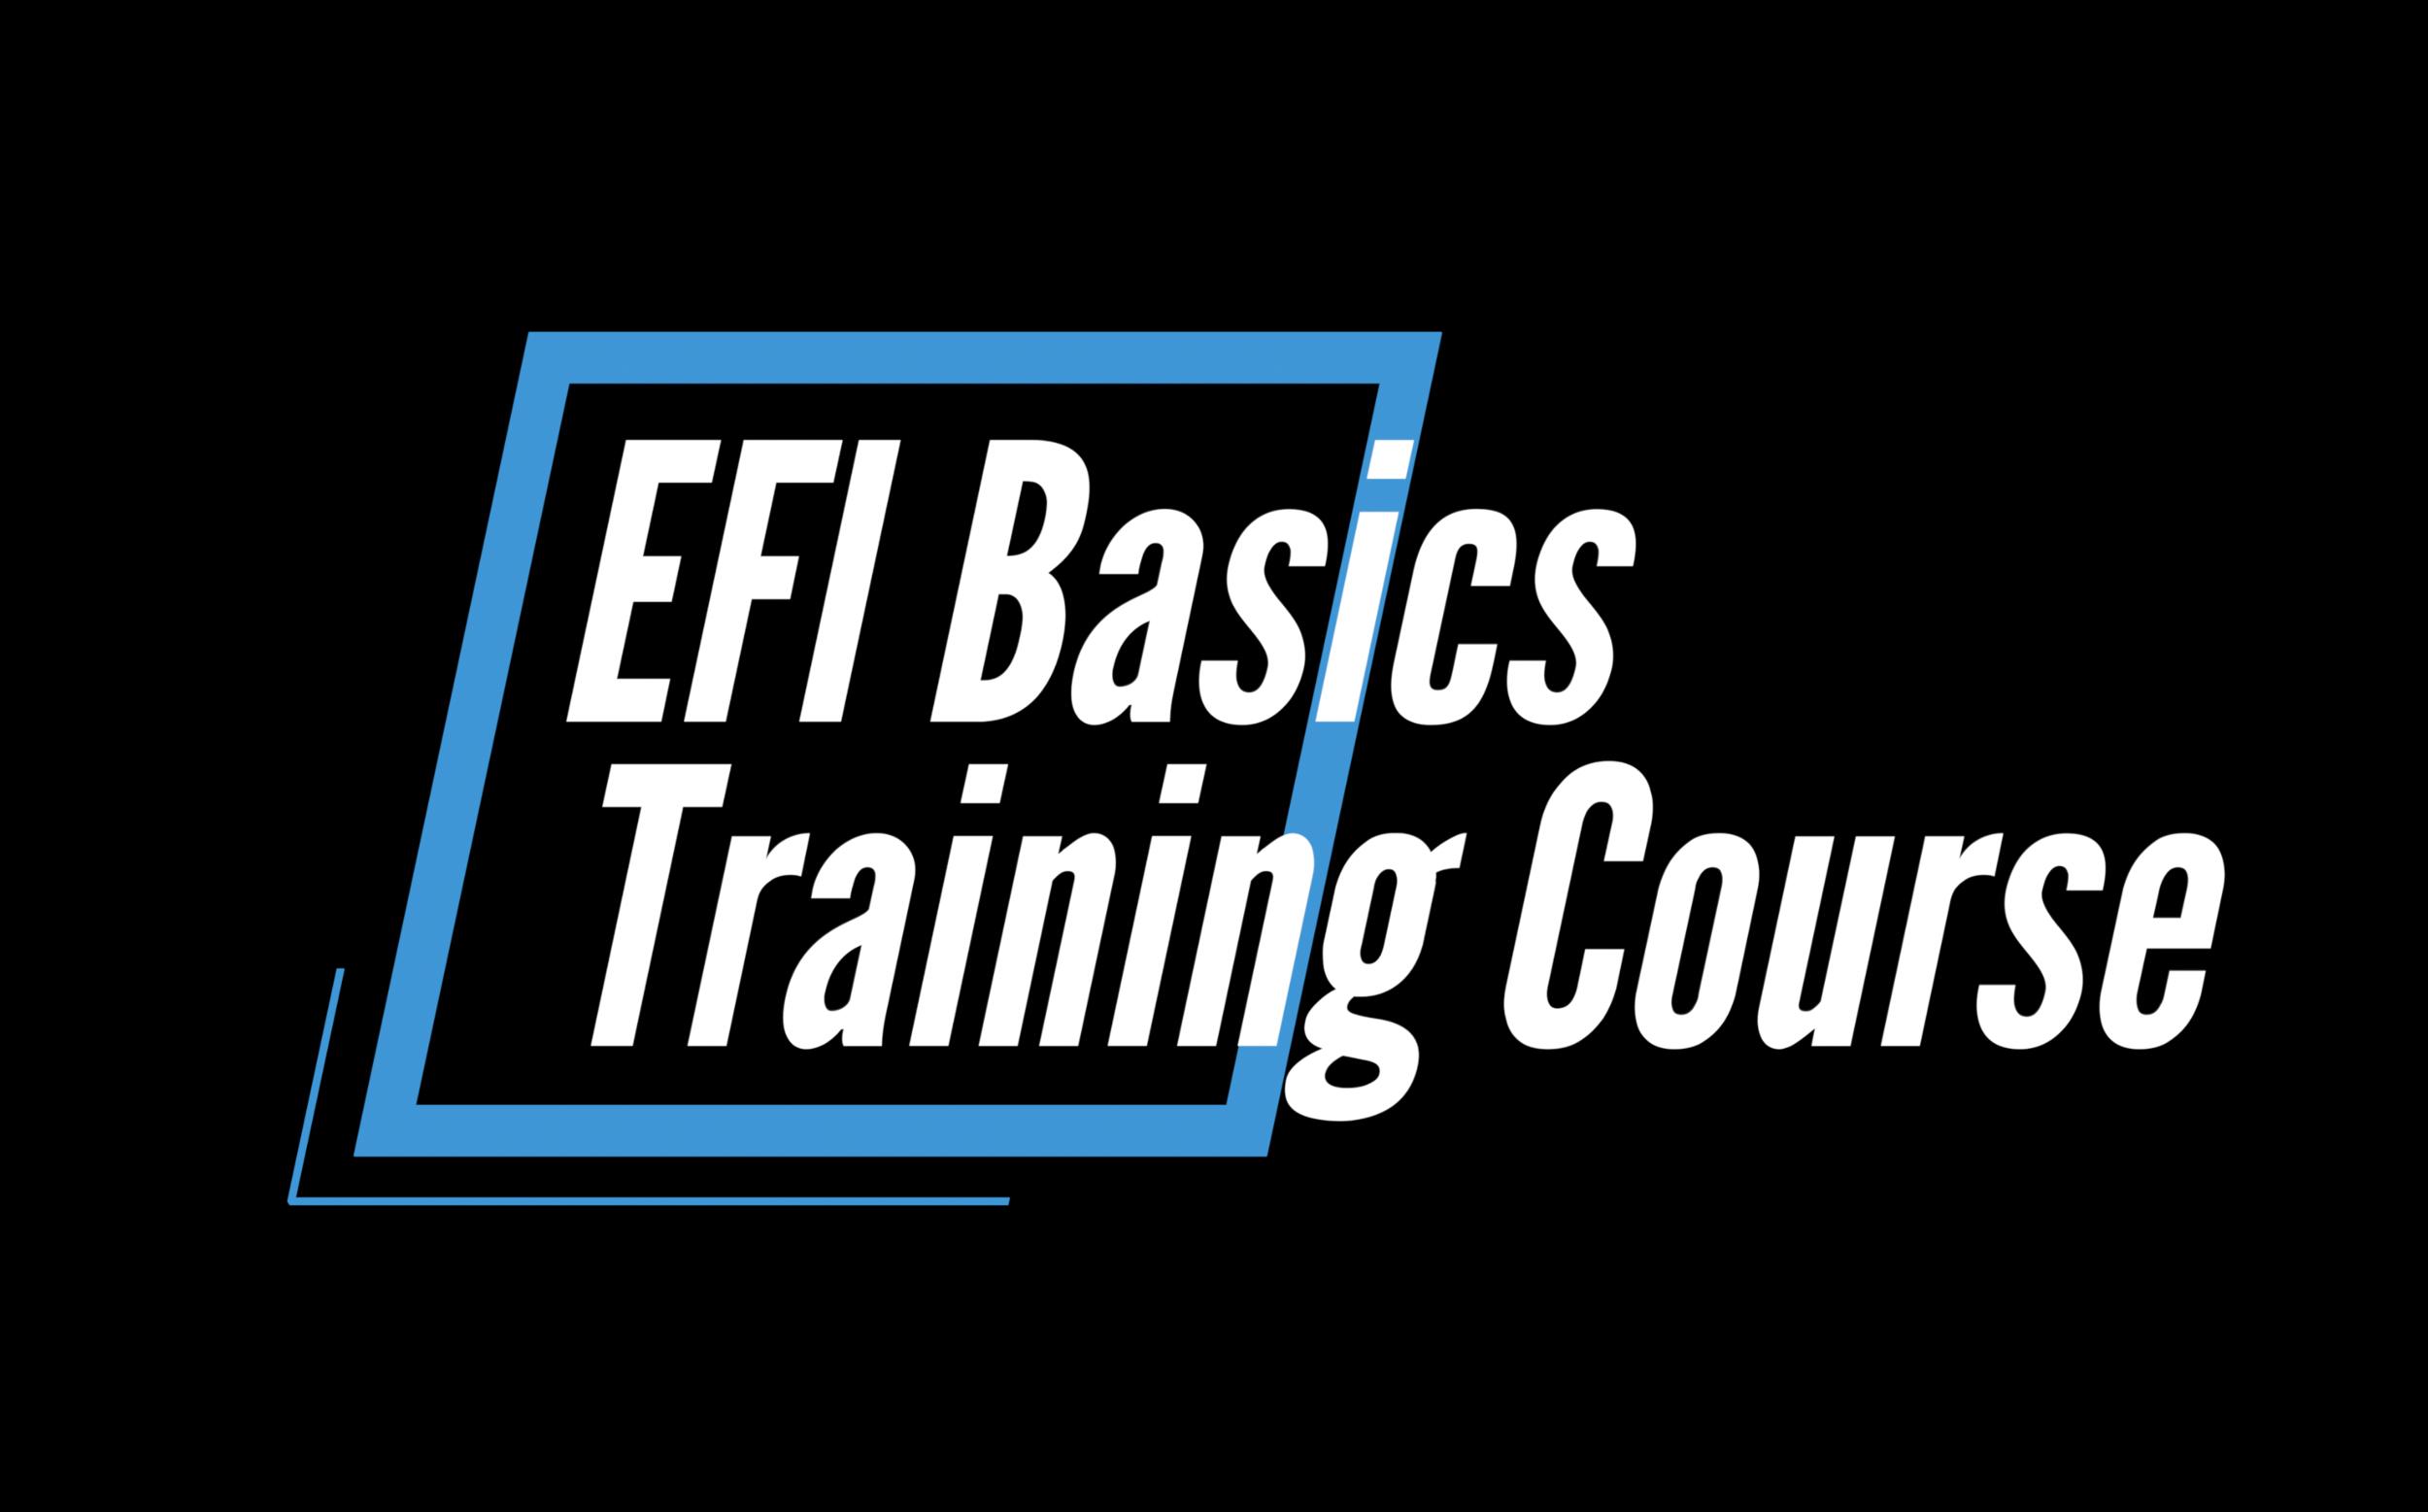 EFI Basics .png